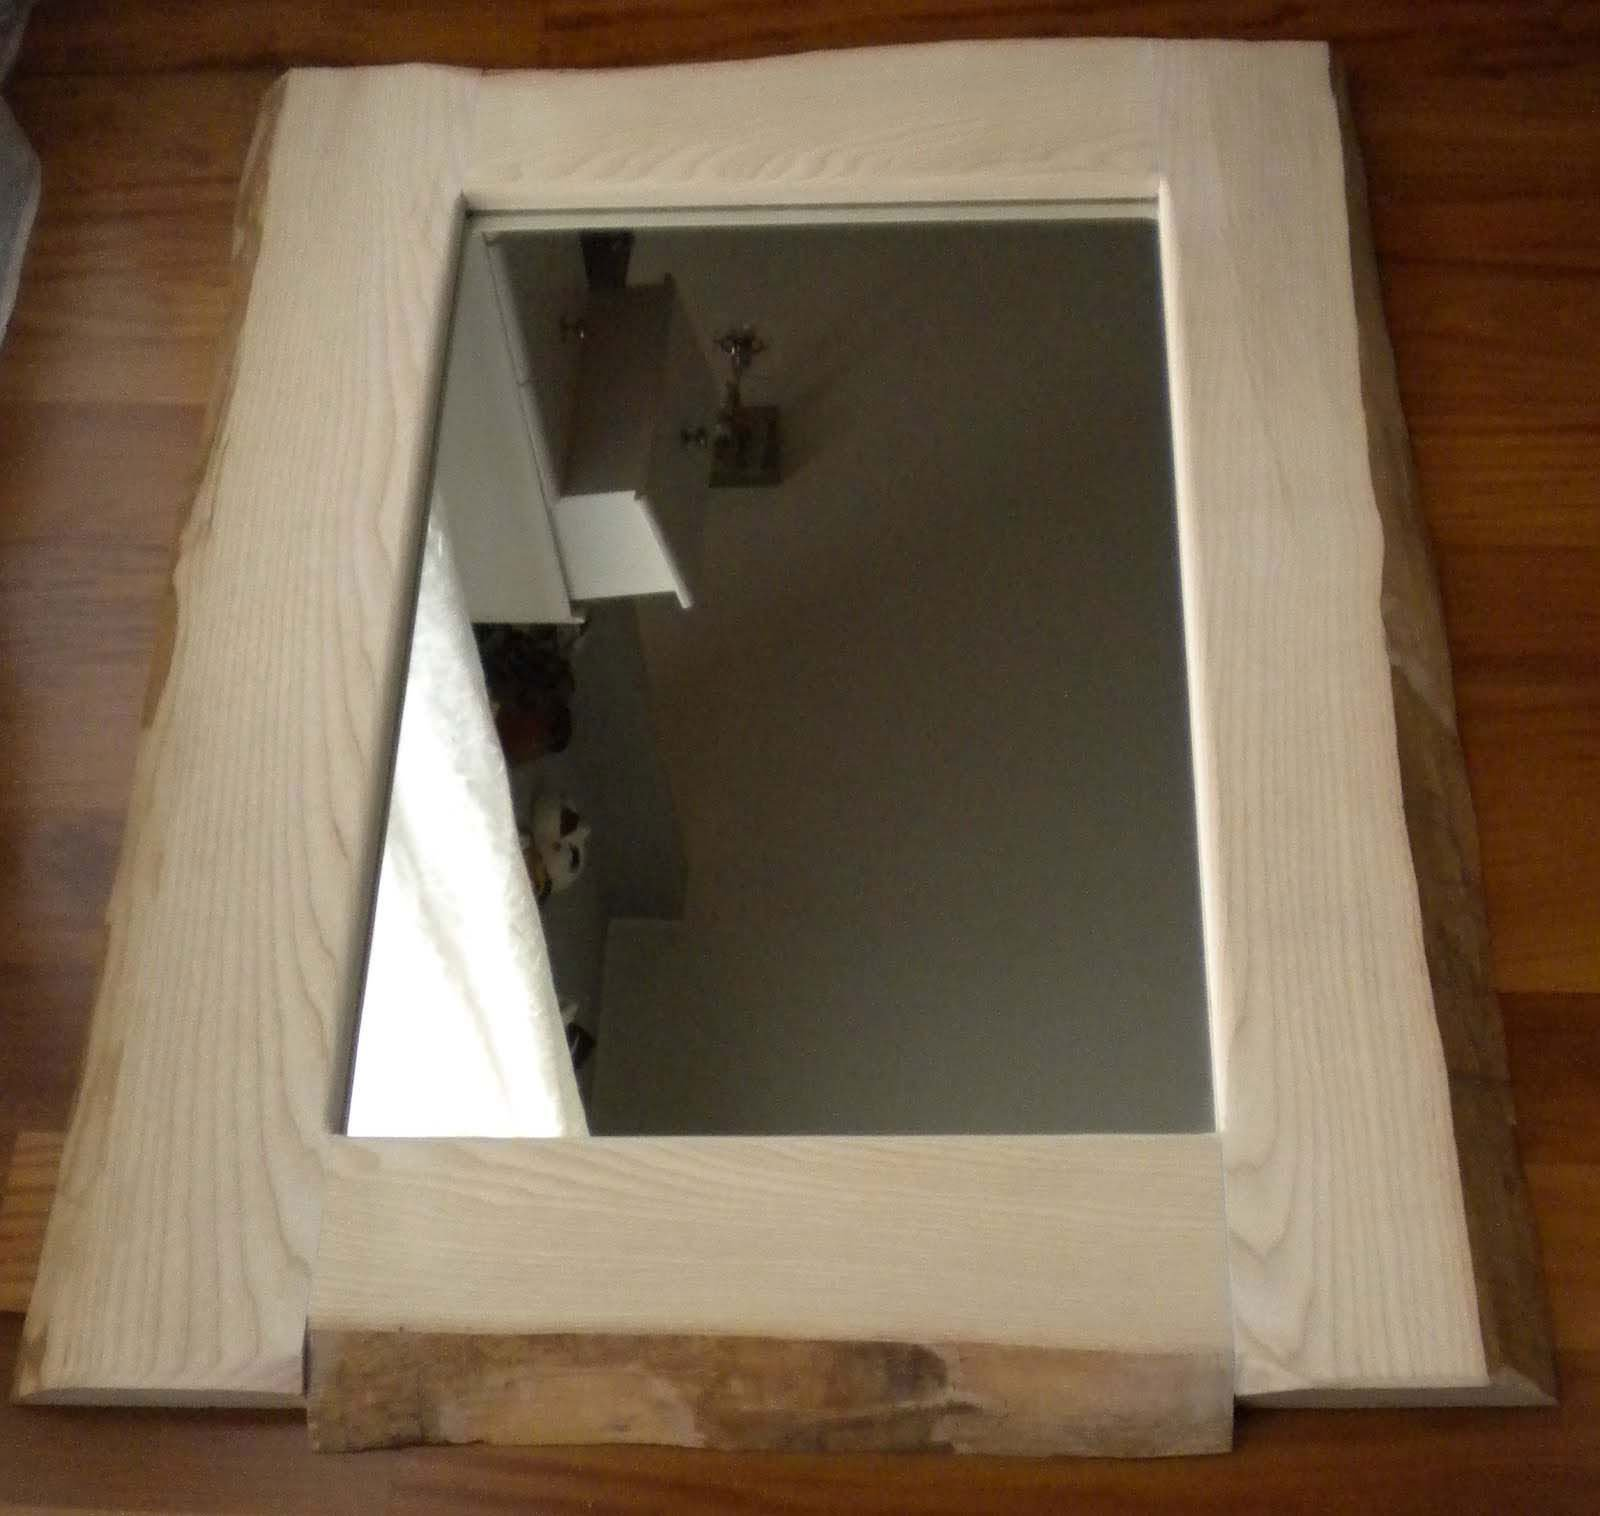 Specchio fai da te con legno e corteccia naturale cose di casa - Specchio che si rompe da solo ...